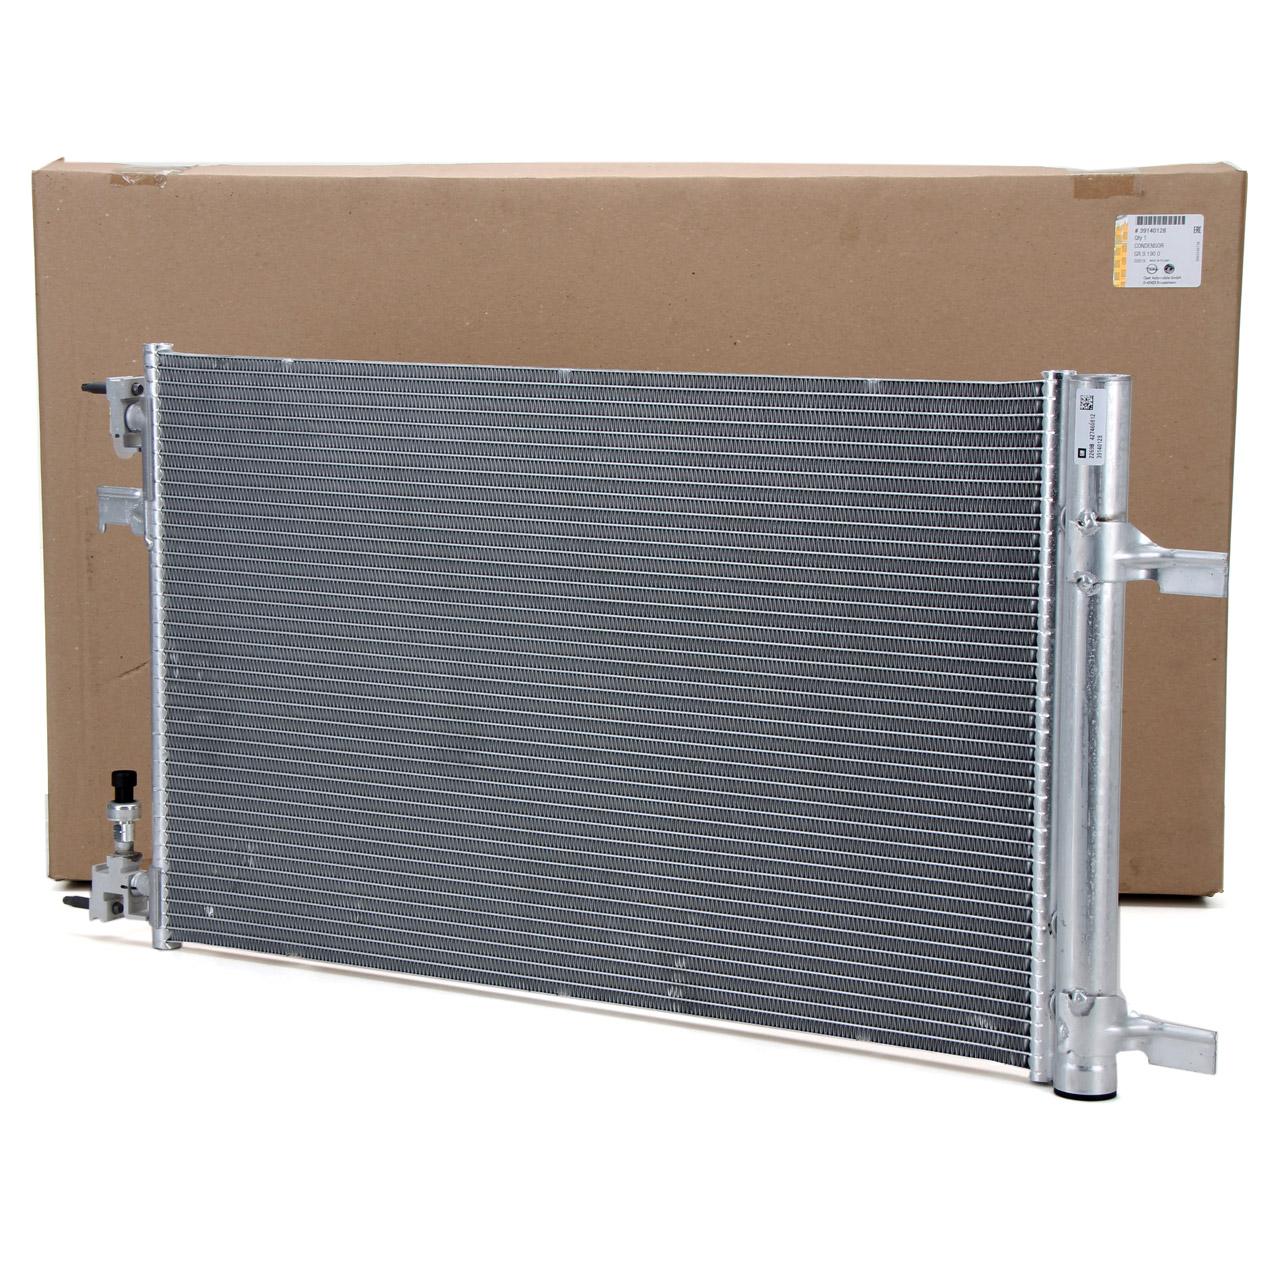 ORIGINAL Opel Kondensator Klimakondensator ASTRA J INSIGNIA A ZAFIRA C 39074865